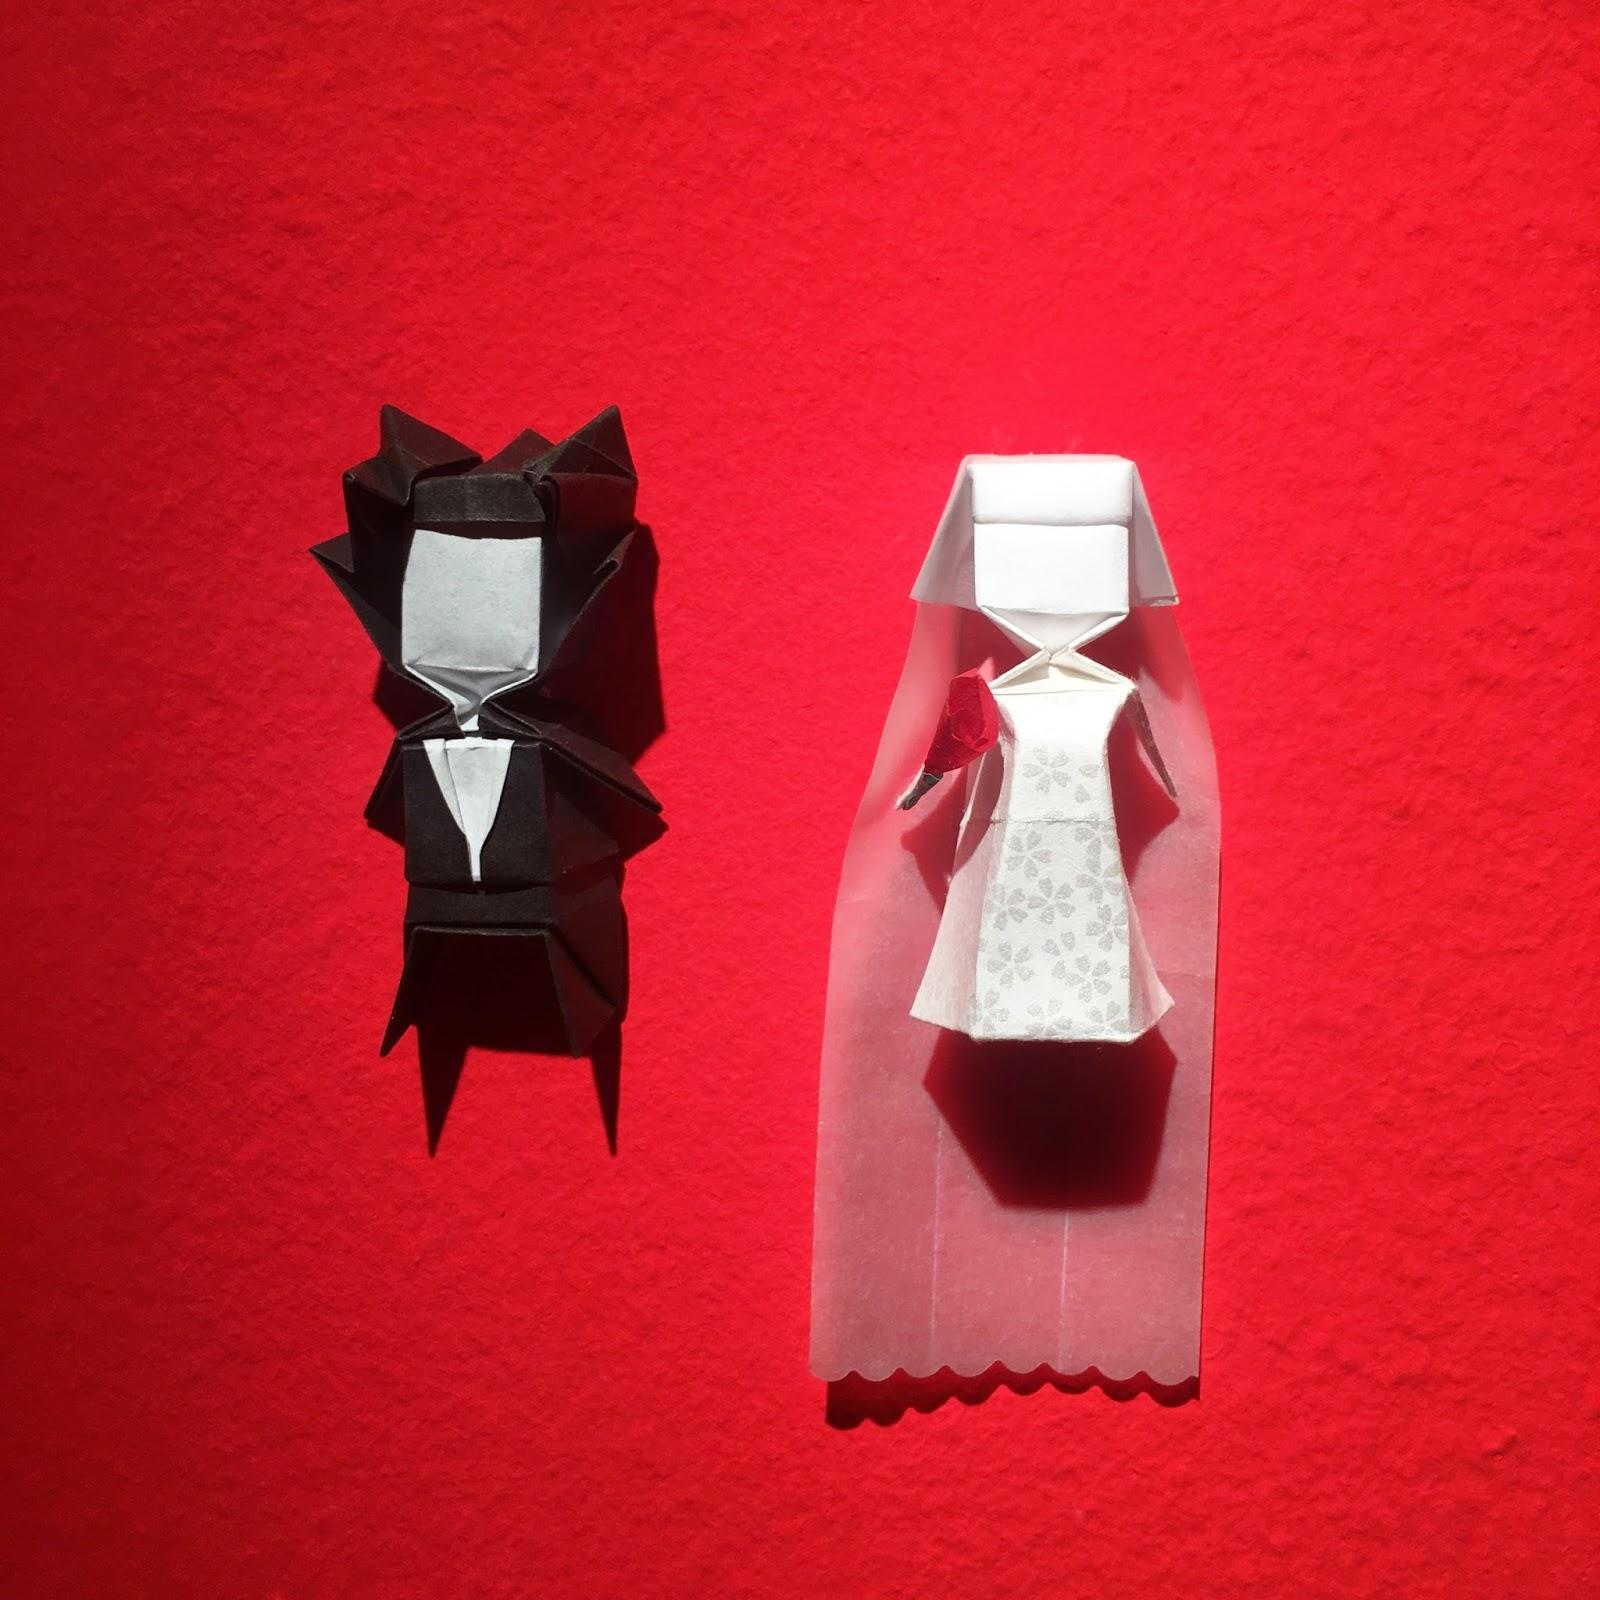 matrimonio de papel origami Ana Sofía Casaverde